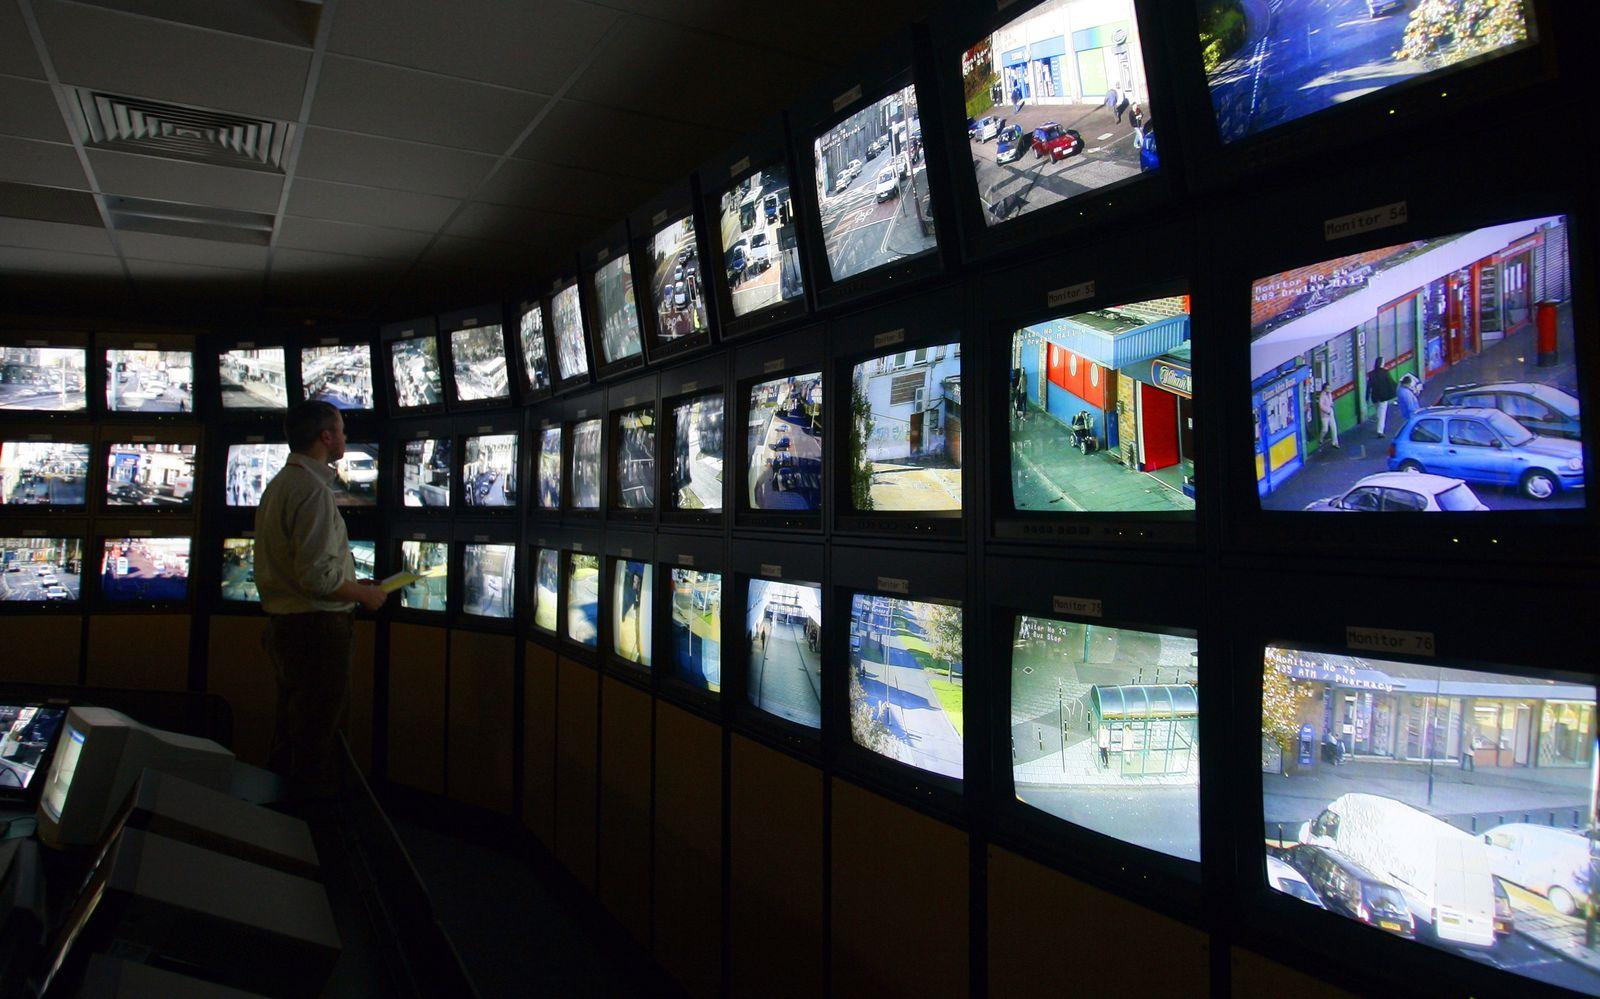 Video-Überwachung / Großbritannien